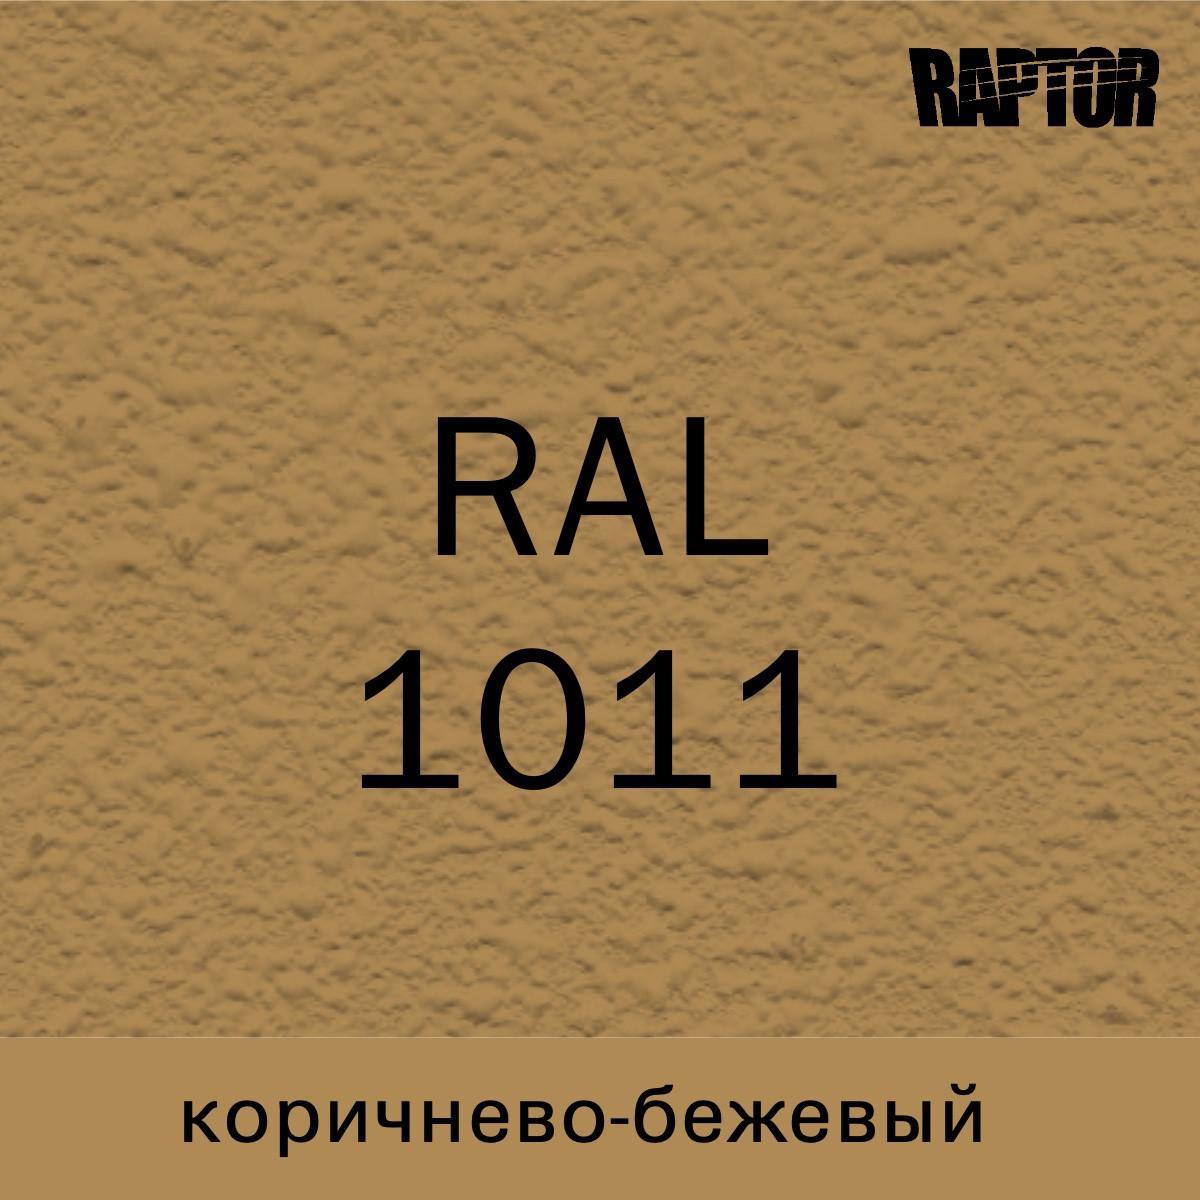 Пигмент для колеровки покрытия RAPTOR™ Коричнево-бежевый (RAL 1011)